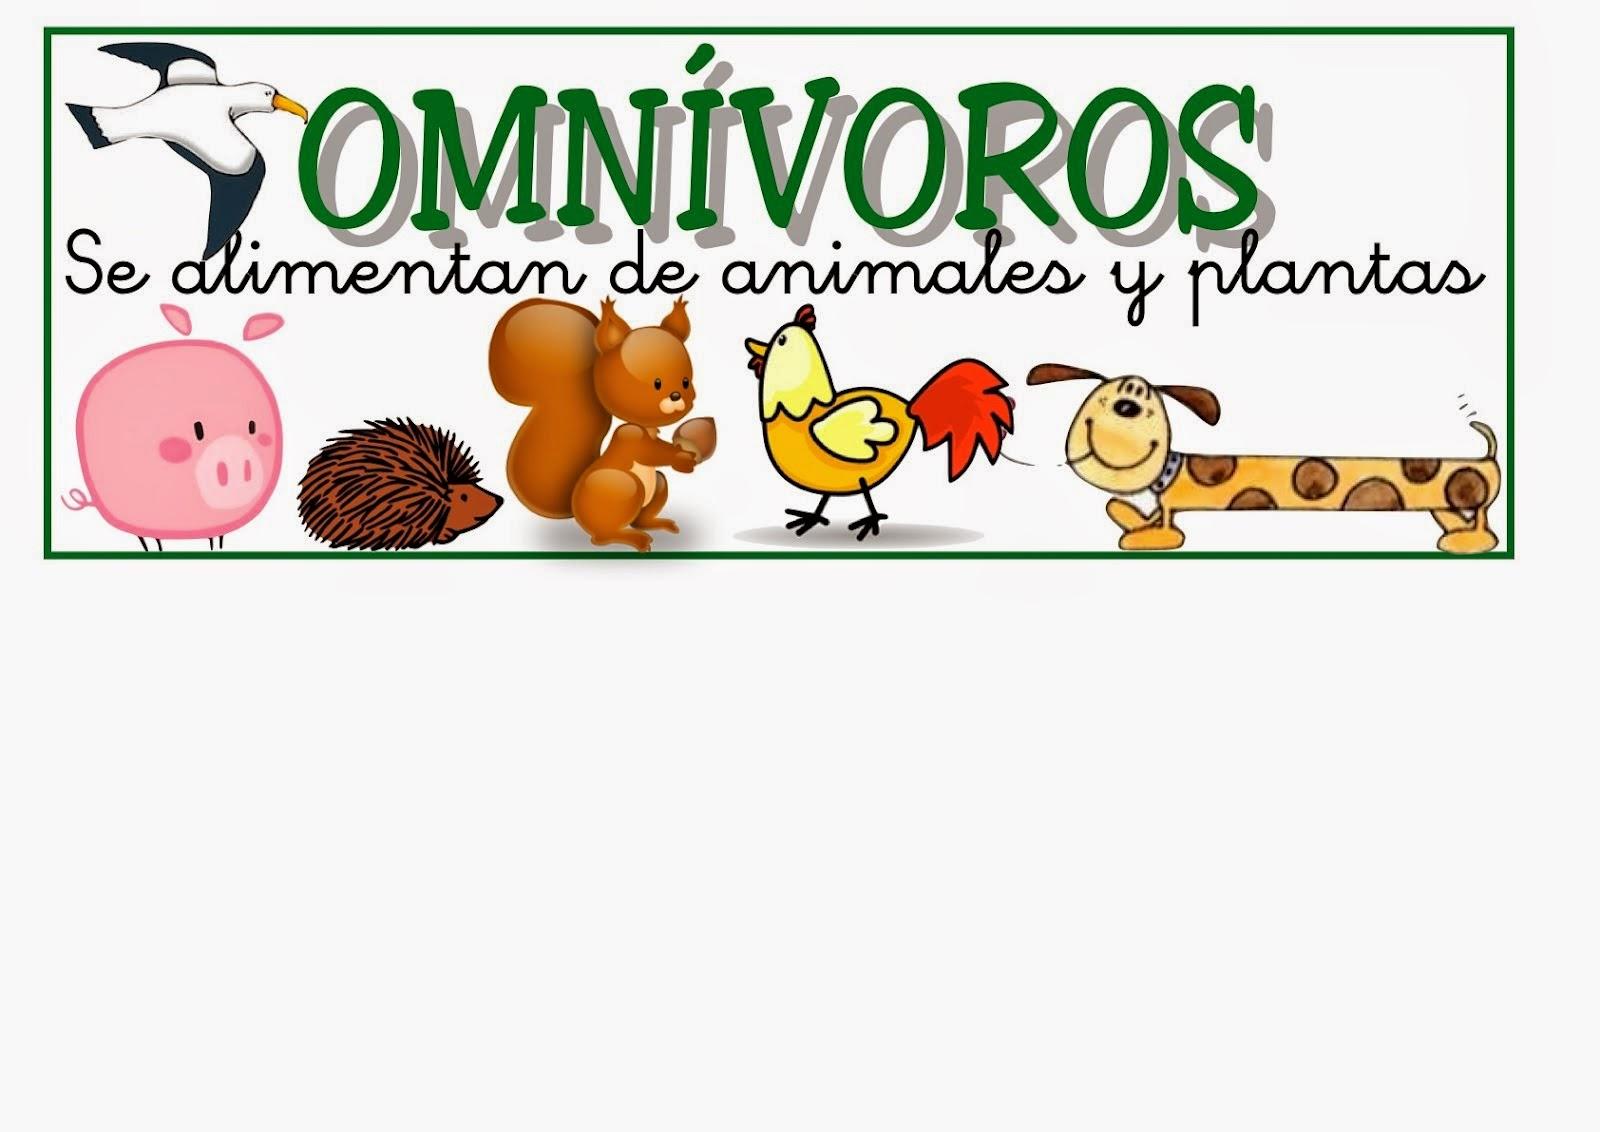 Animales Omnivoros Dibujos Para Colorear: Imagenes De Animales Omnivoros Para Imprimir